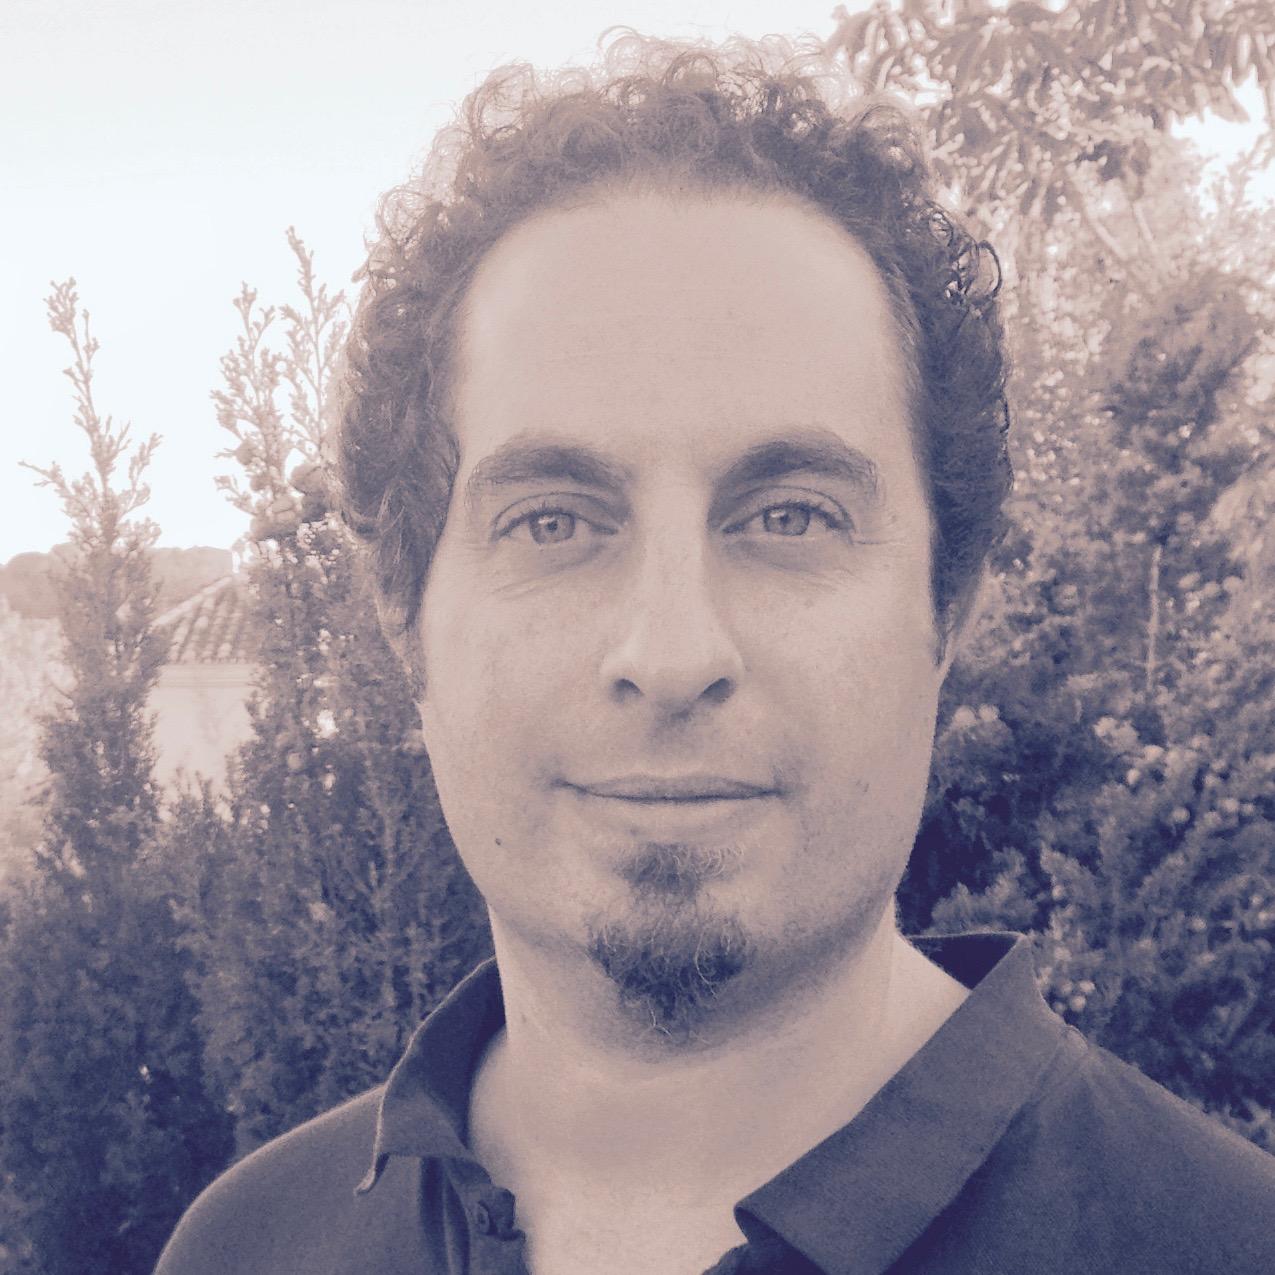 artist Faisal Khouja